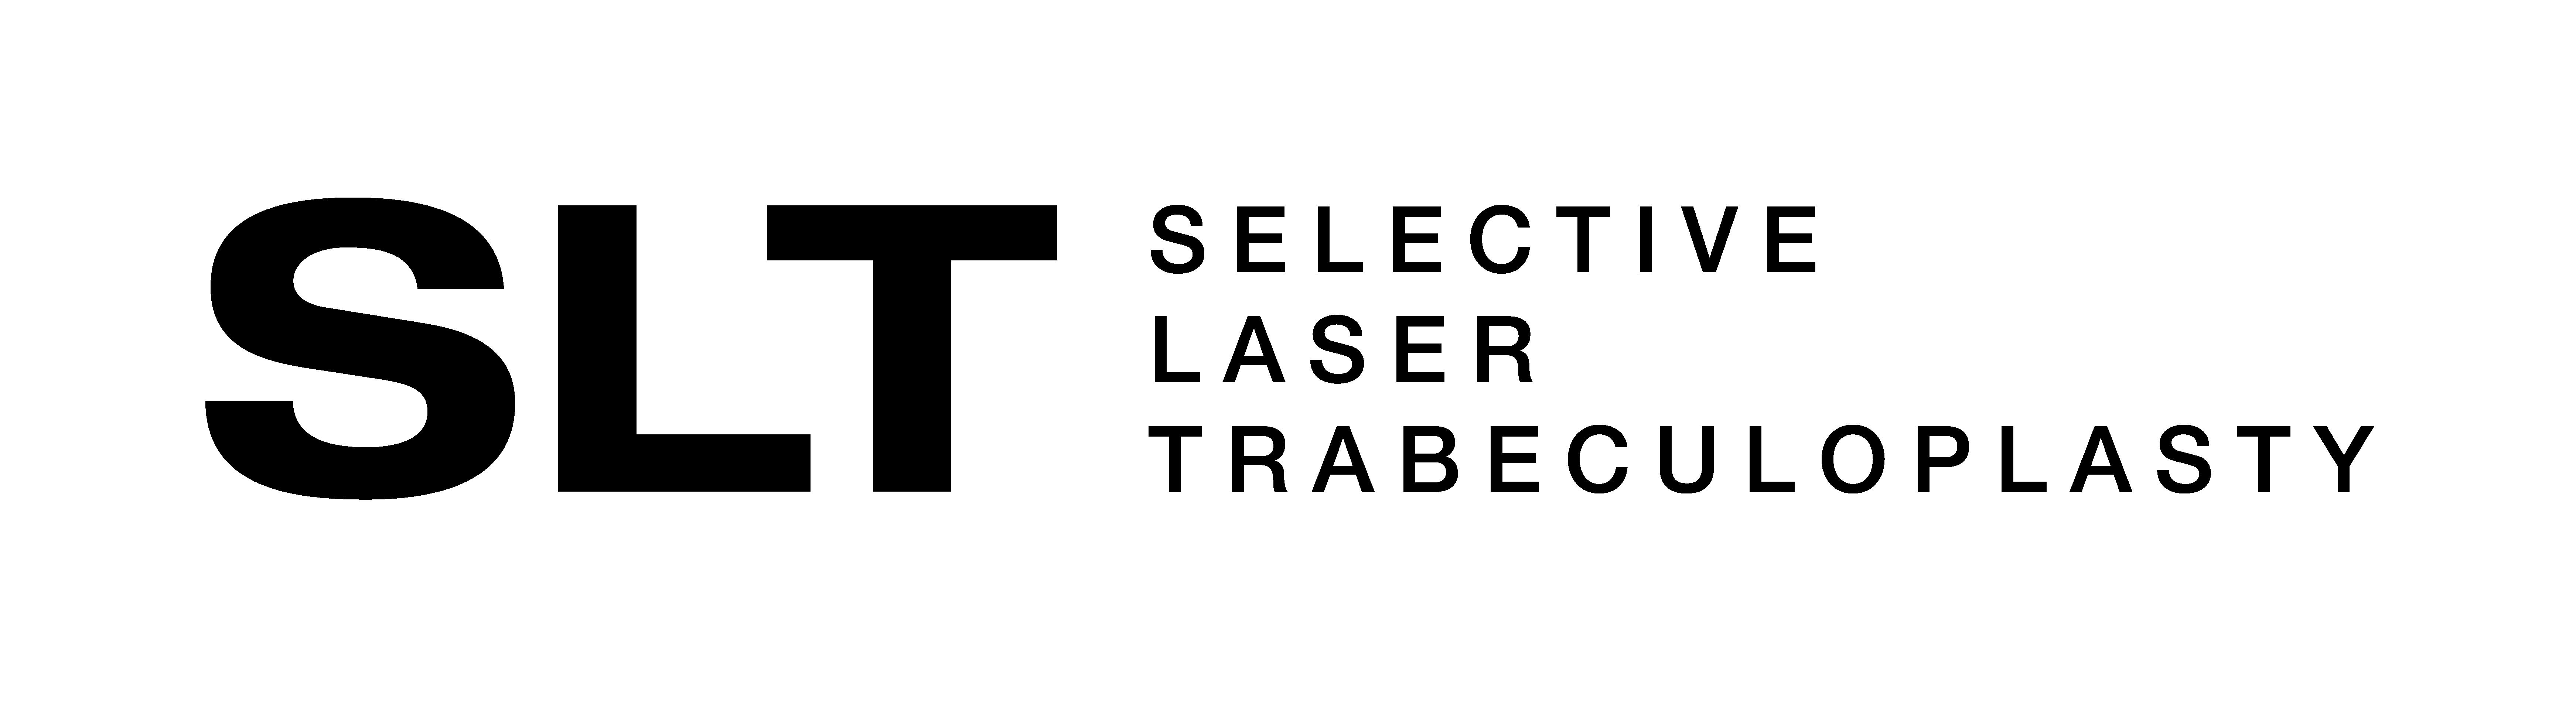 SLT treatment logo mono